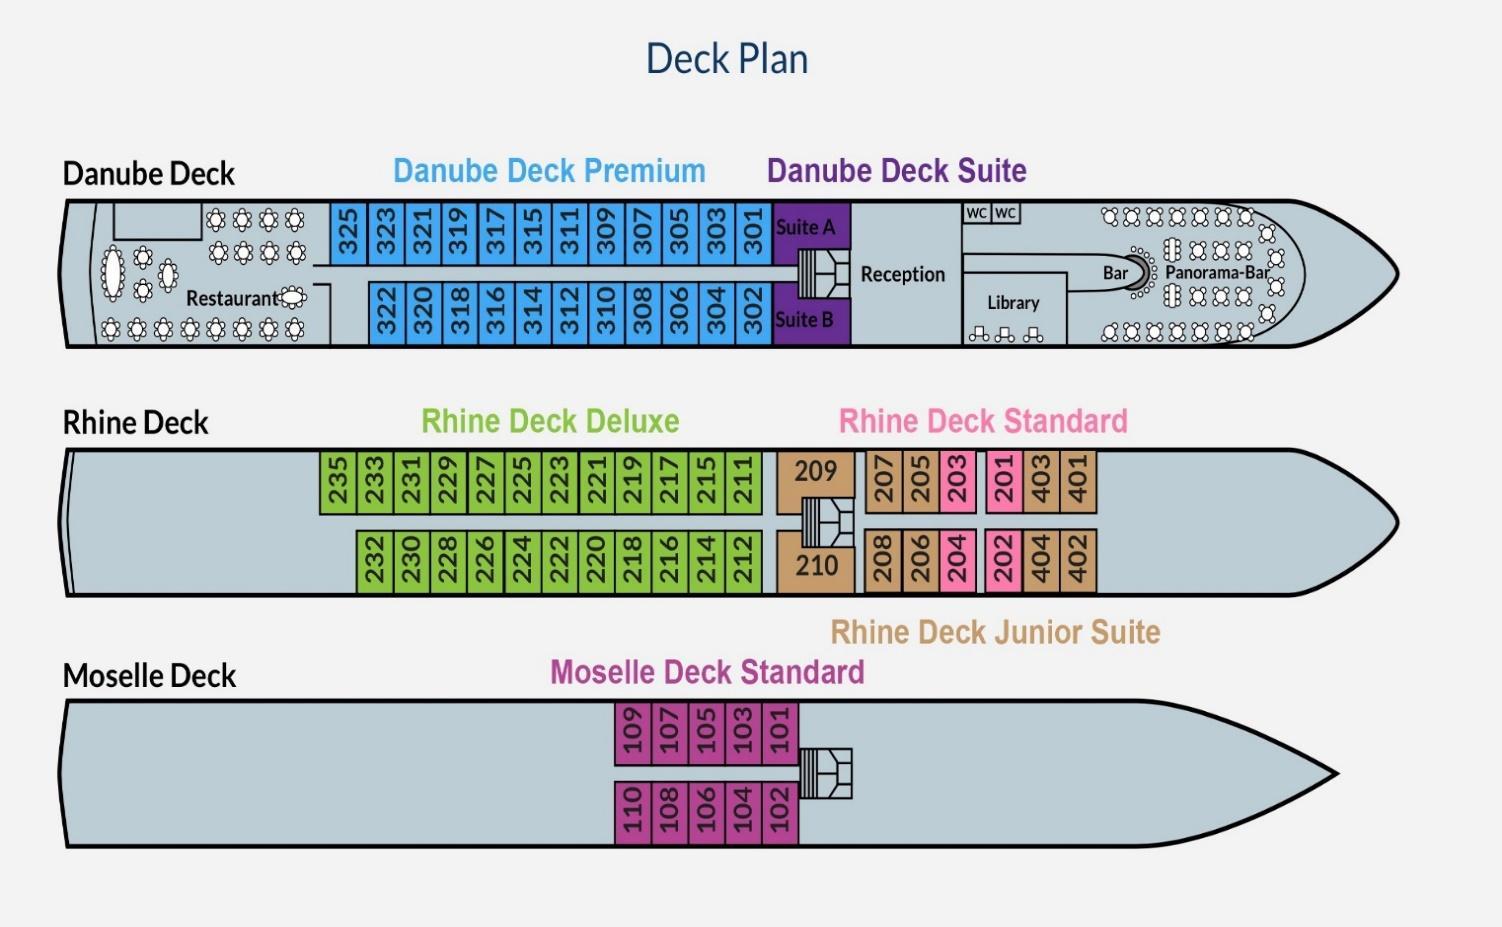 ms johann strauss deck plan ile ilgili görsel sonucu